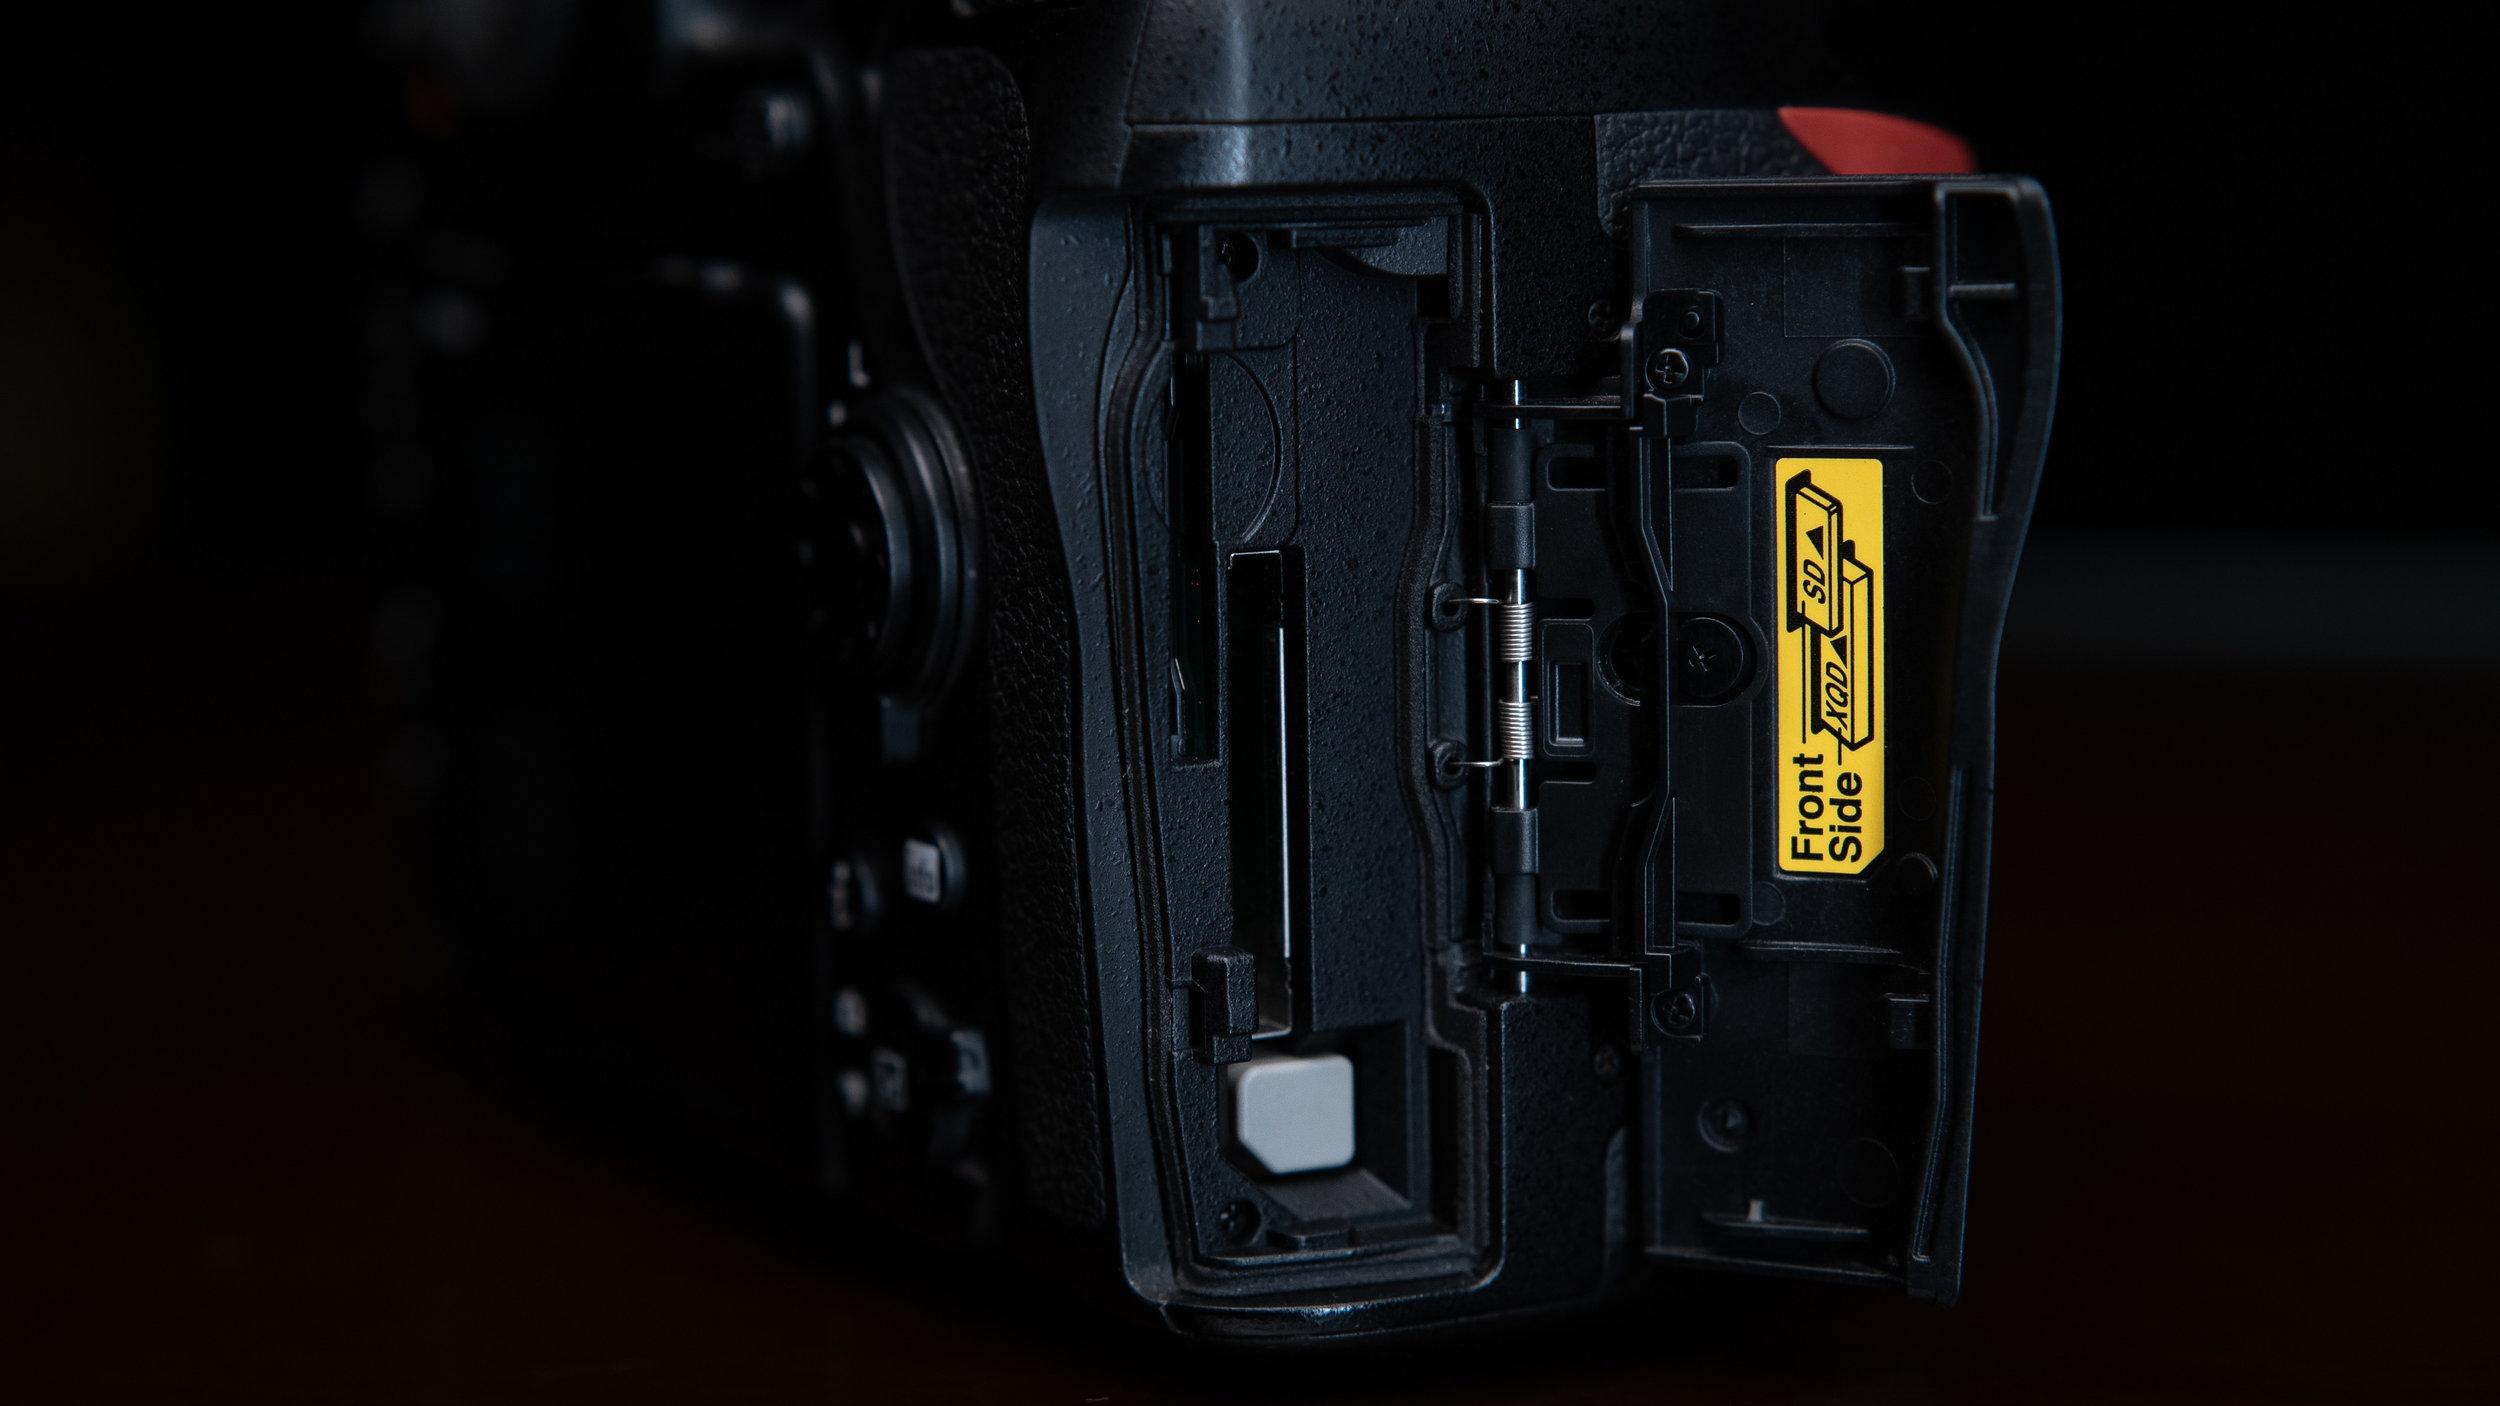 nikon_d850_card_slots_gmax_studios_nikon_d850_camera_review_hindi